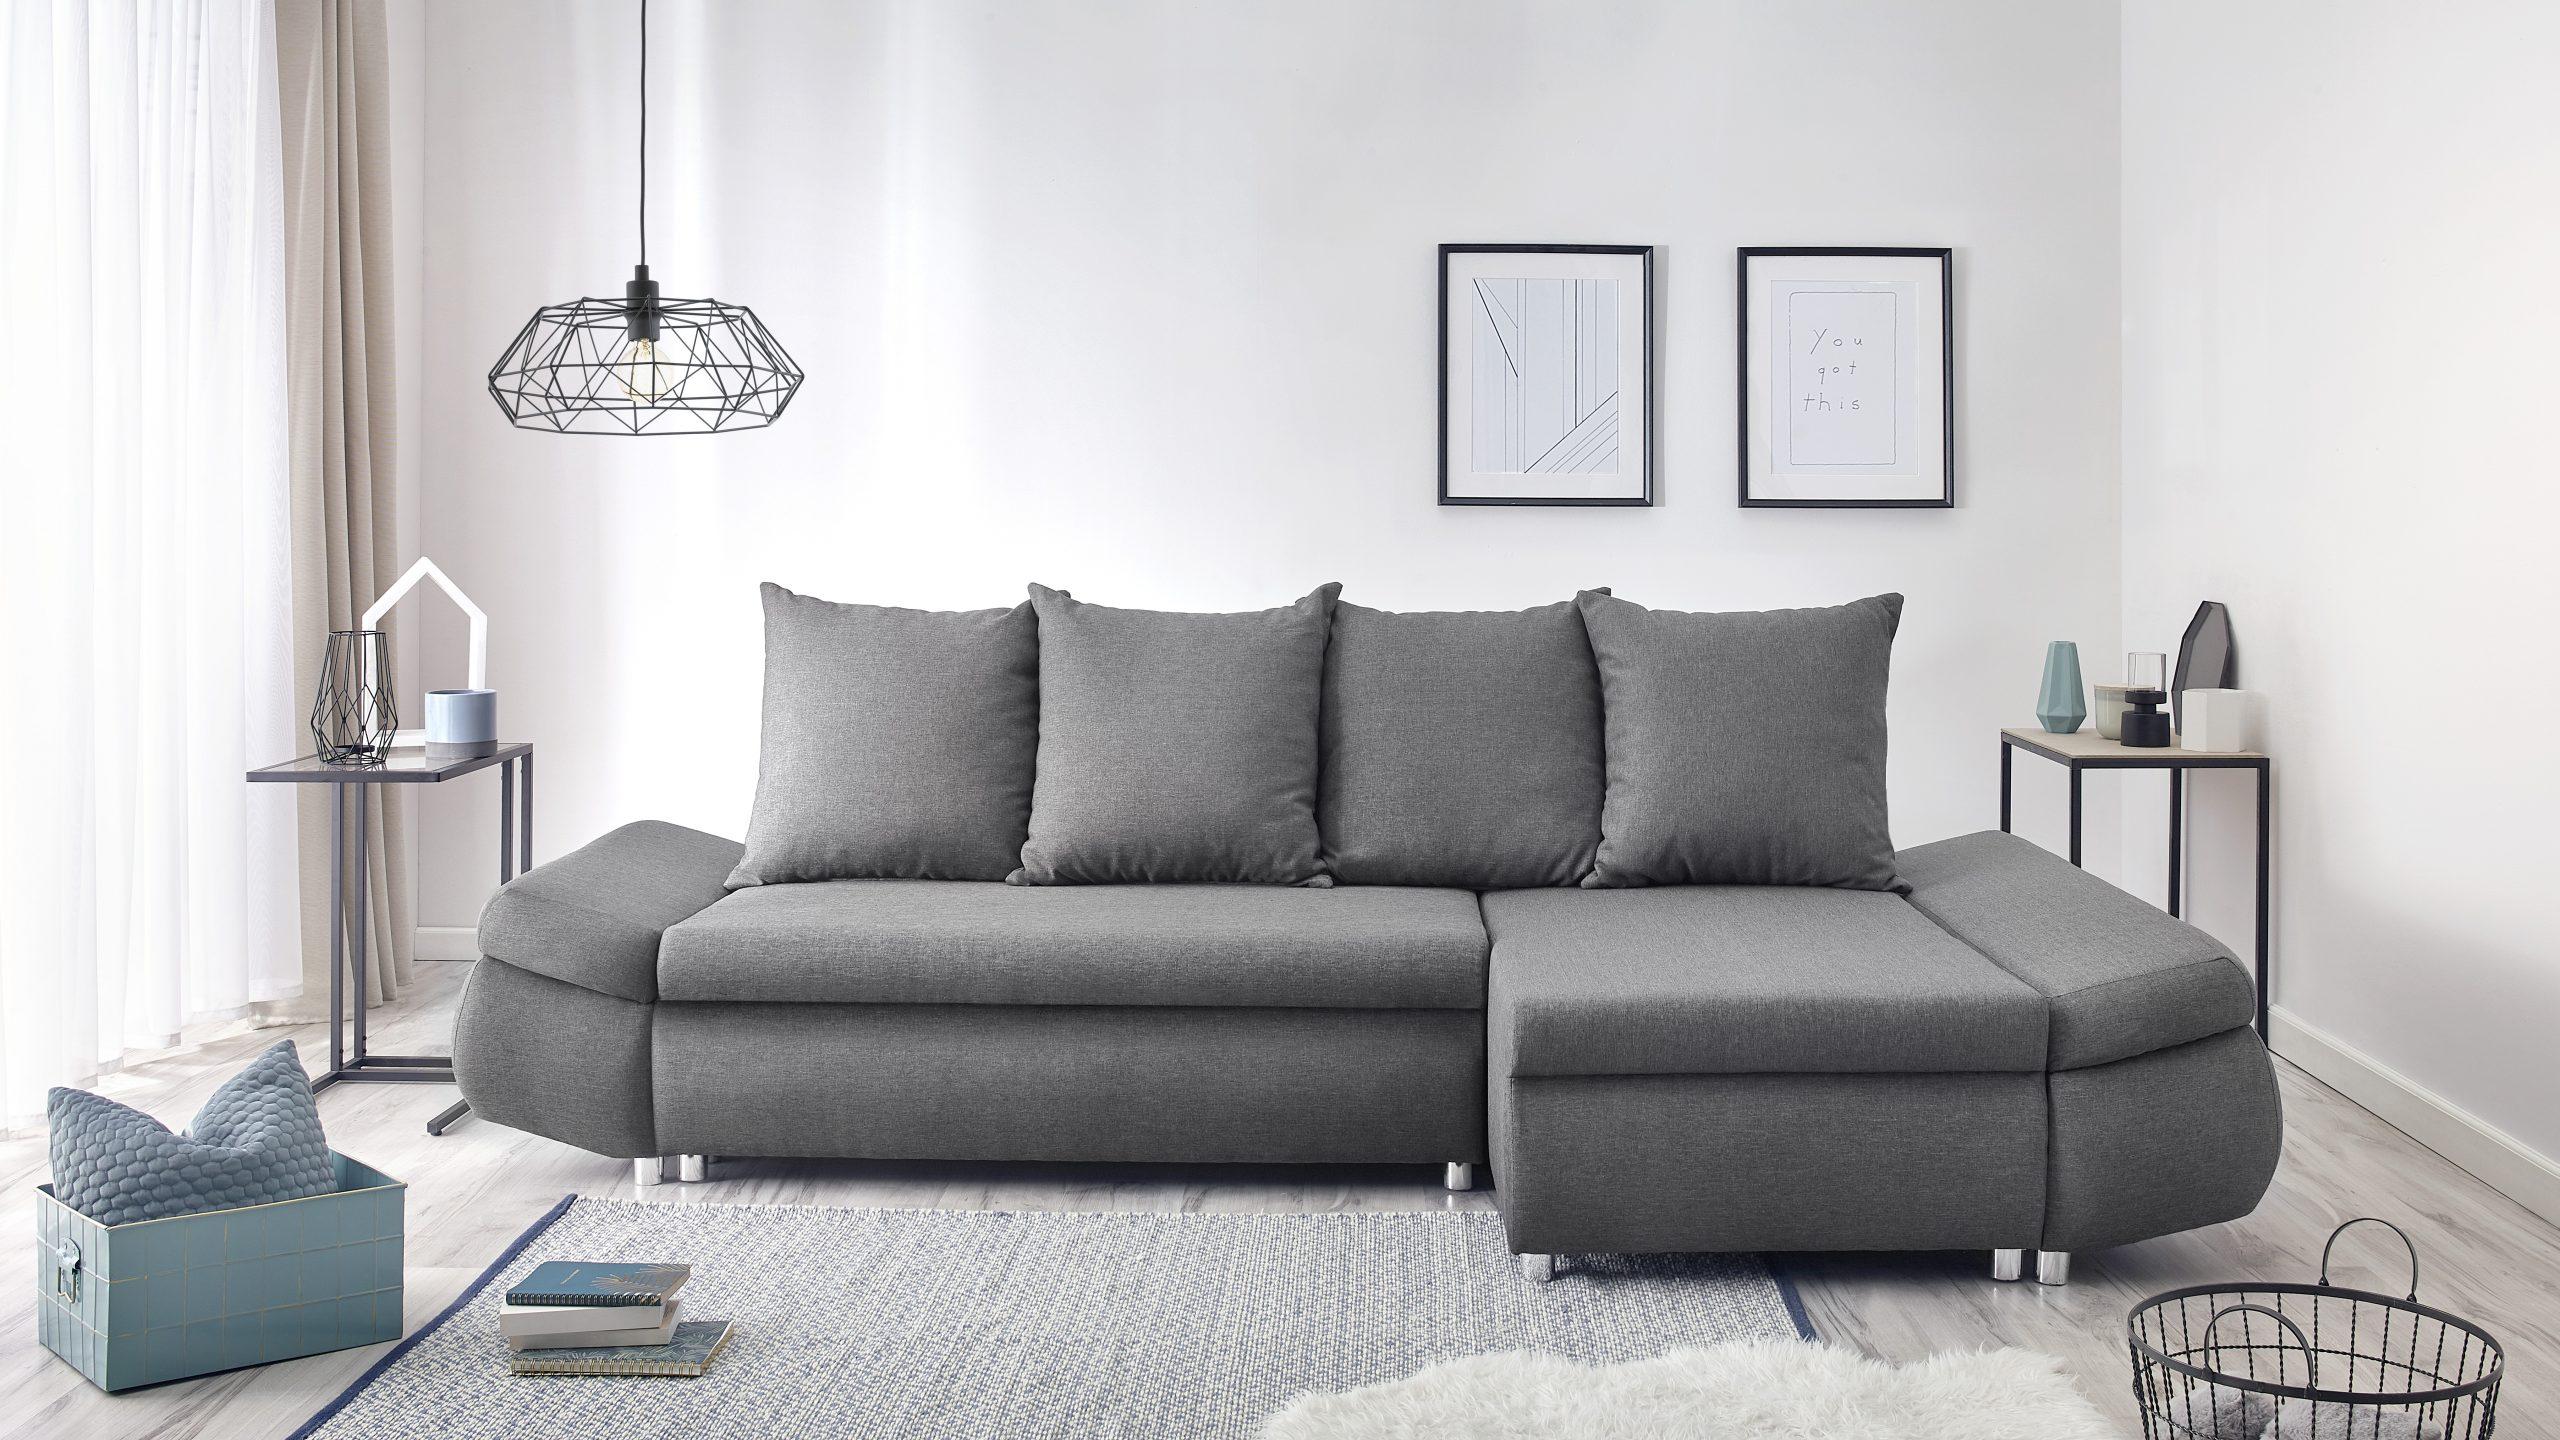 Oliver Canapé D'angle Réversible Convertible 4 Places + ... concernant Canapé Premium Confort Gris Anthracite